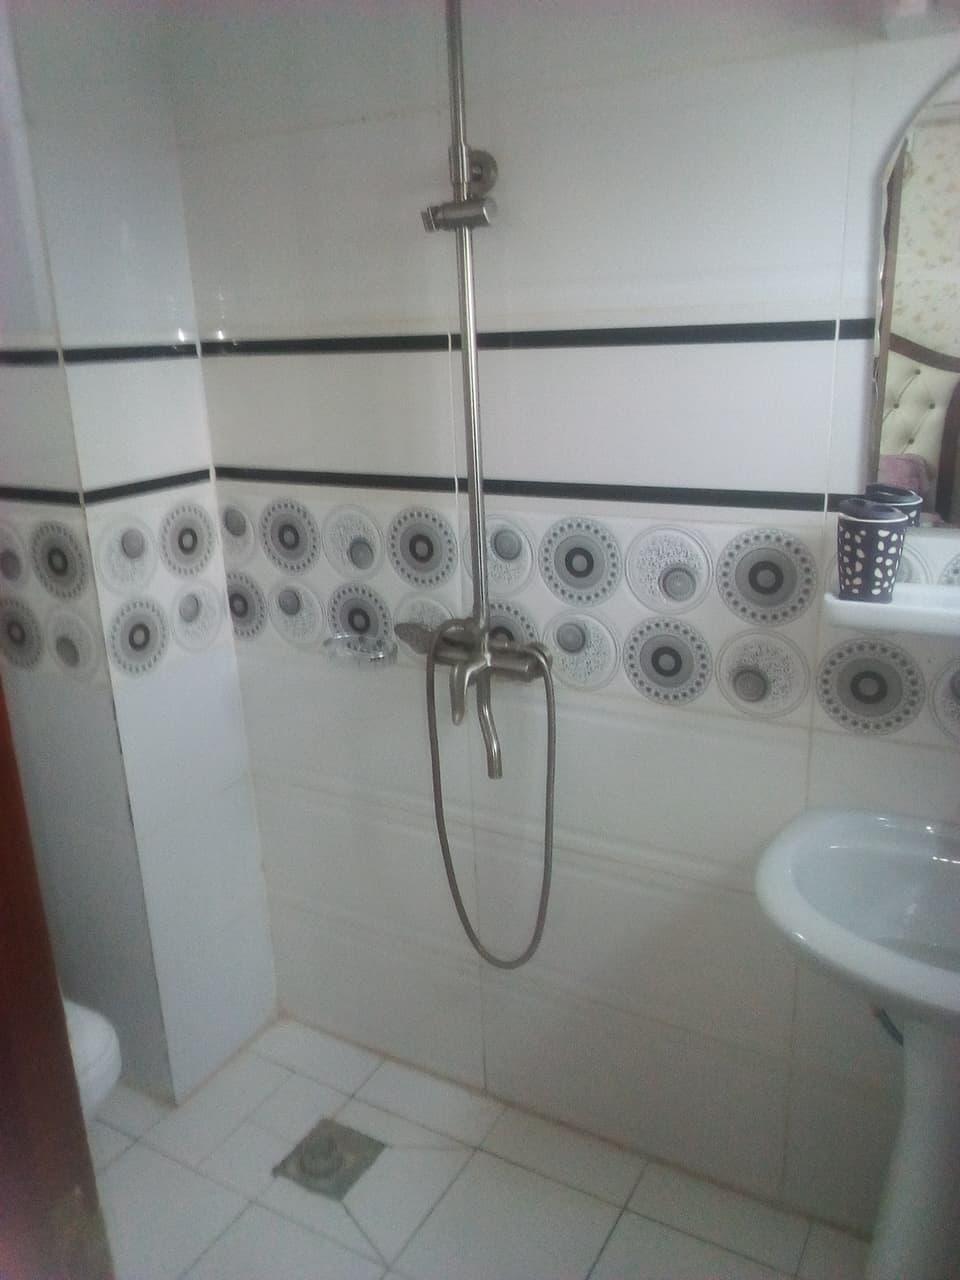 Apartment to rent - Yaoundé, Bastos, (APPARTEMENT NON MEUBLE)pas loin de meumi - 1 living room(s), 2 bedroom(s), 3 bathroom(s) - 350 000 FCFA / month